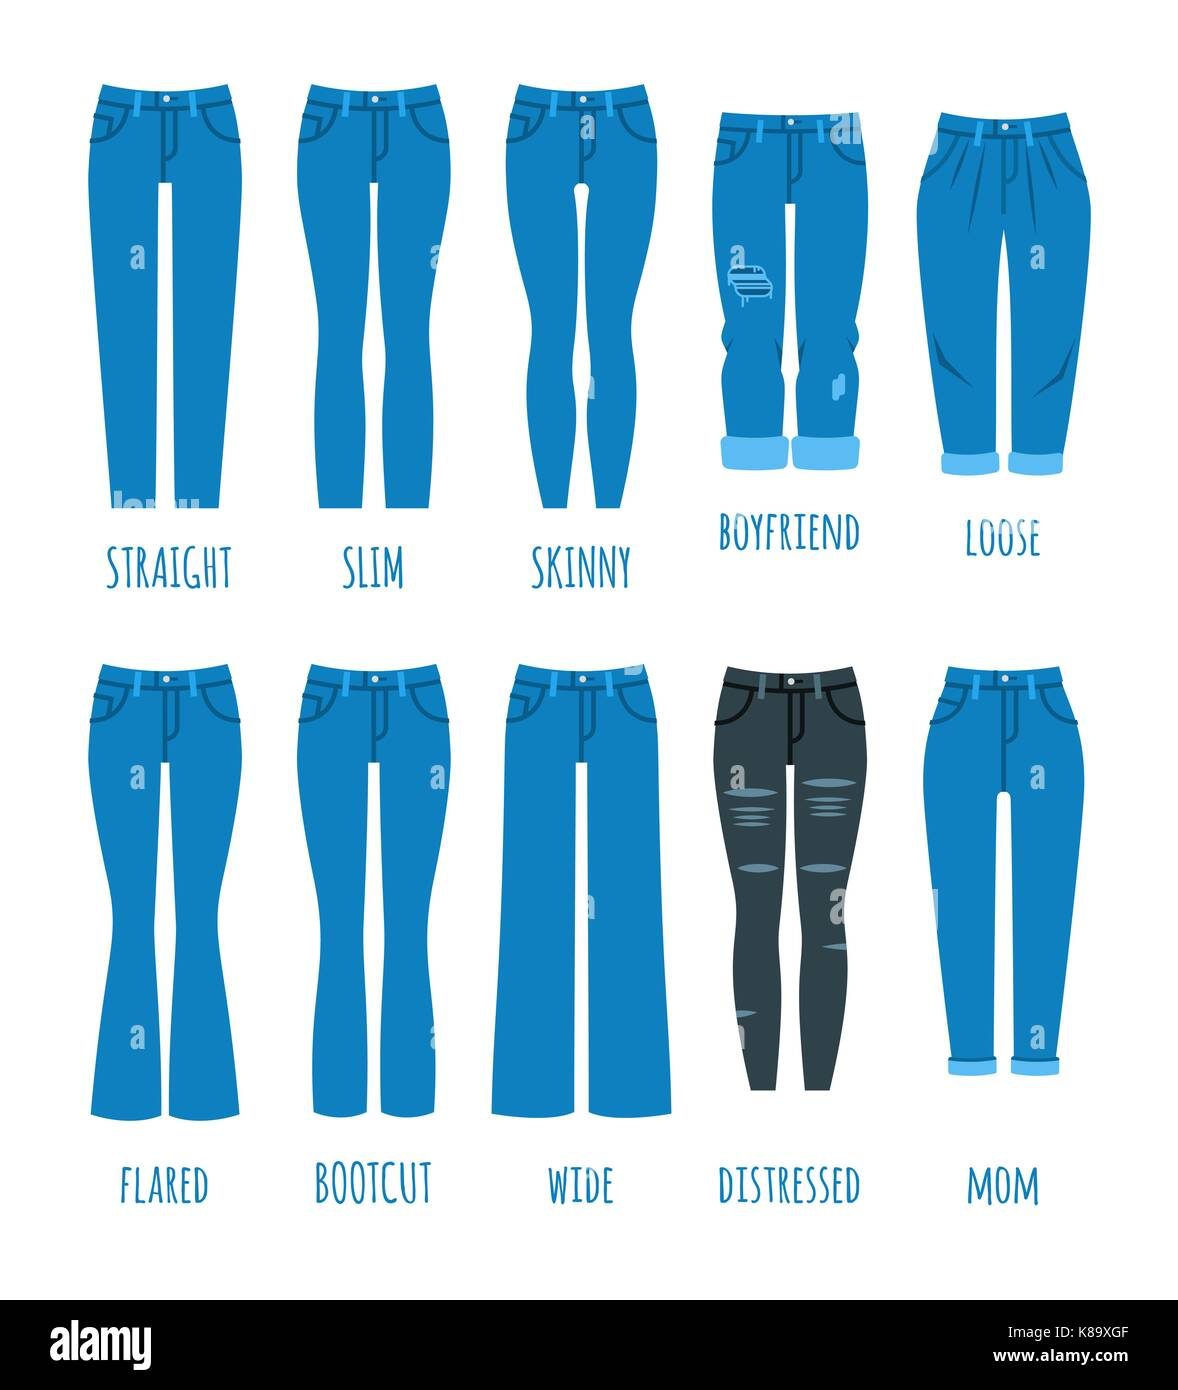 cda771ae47 Le donne stili di jeans collezione moda denim pantaloni femmina ...